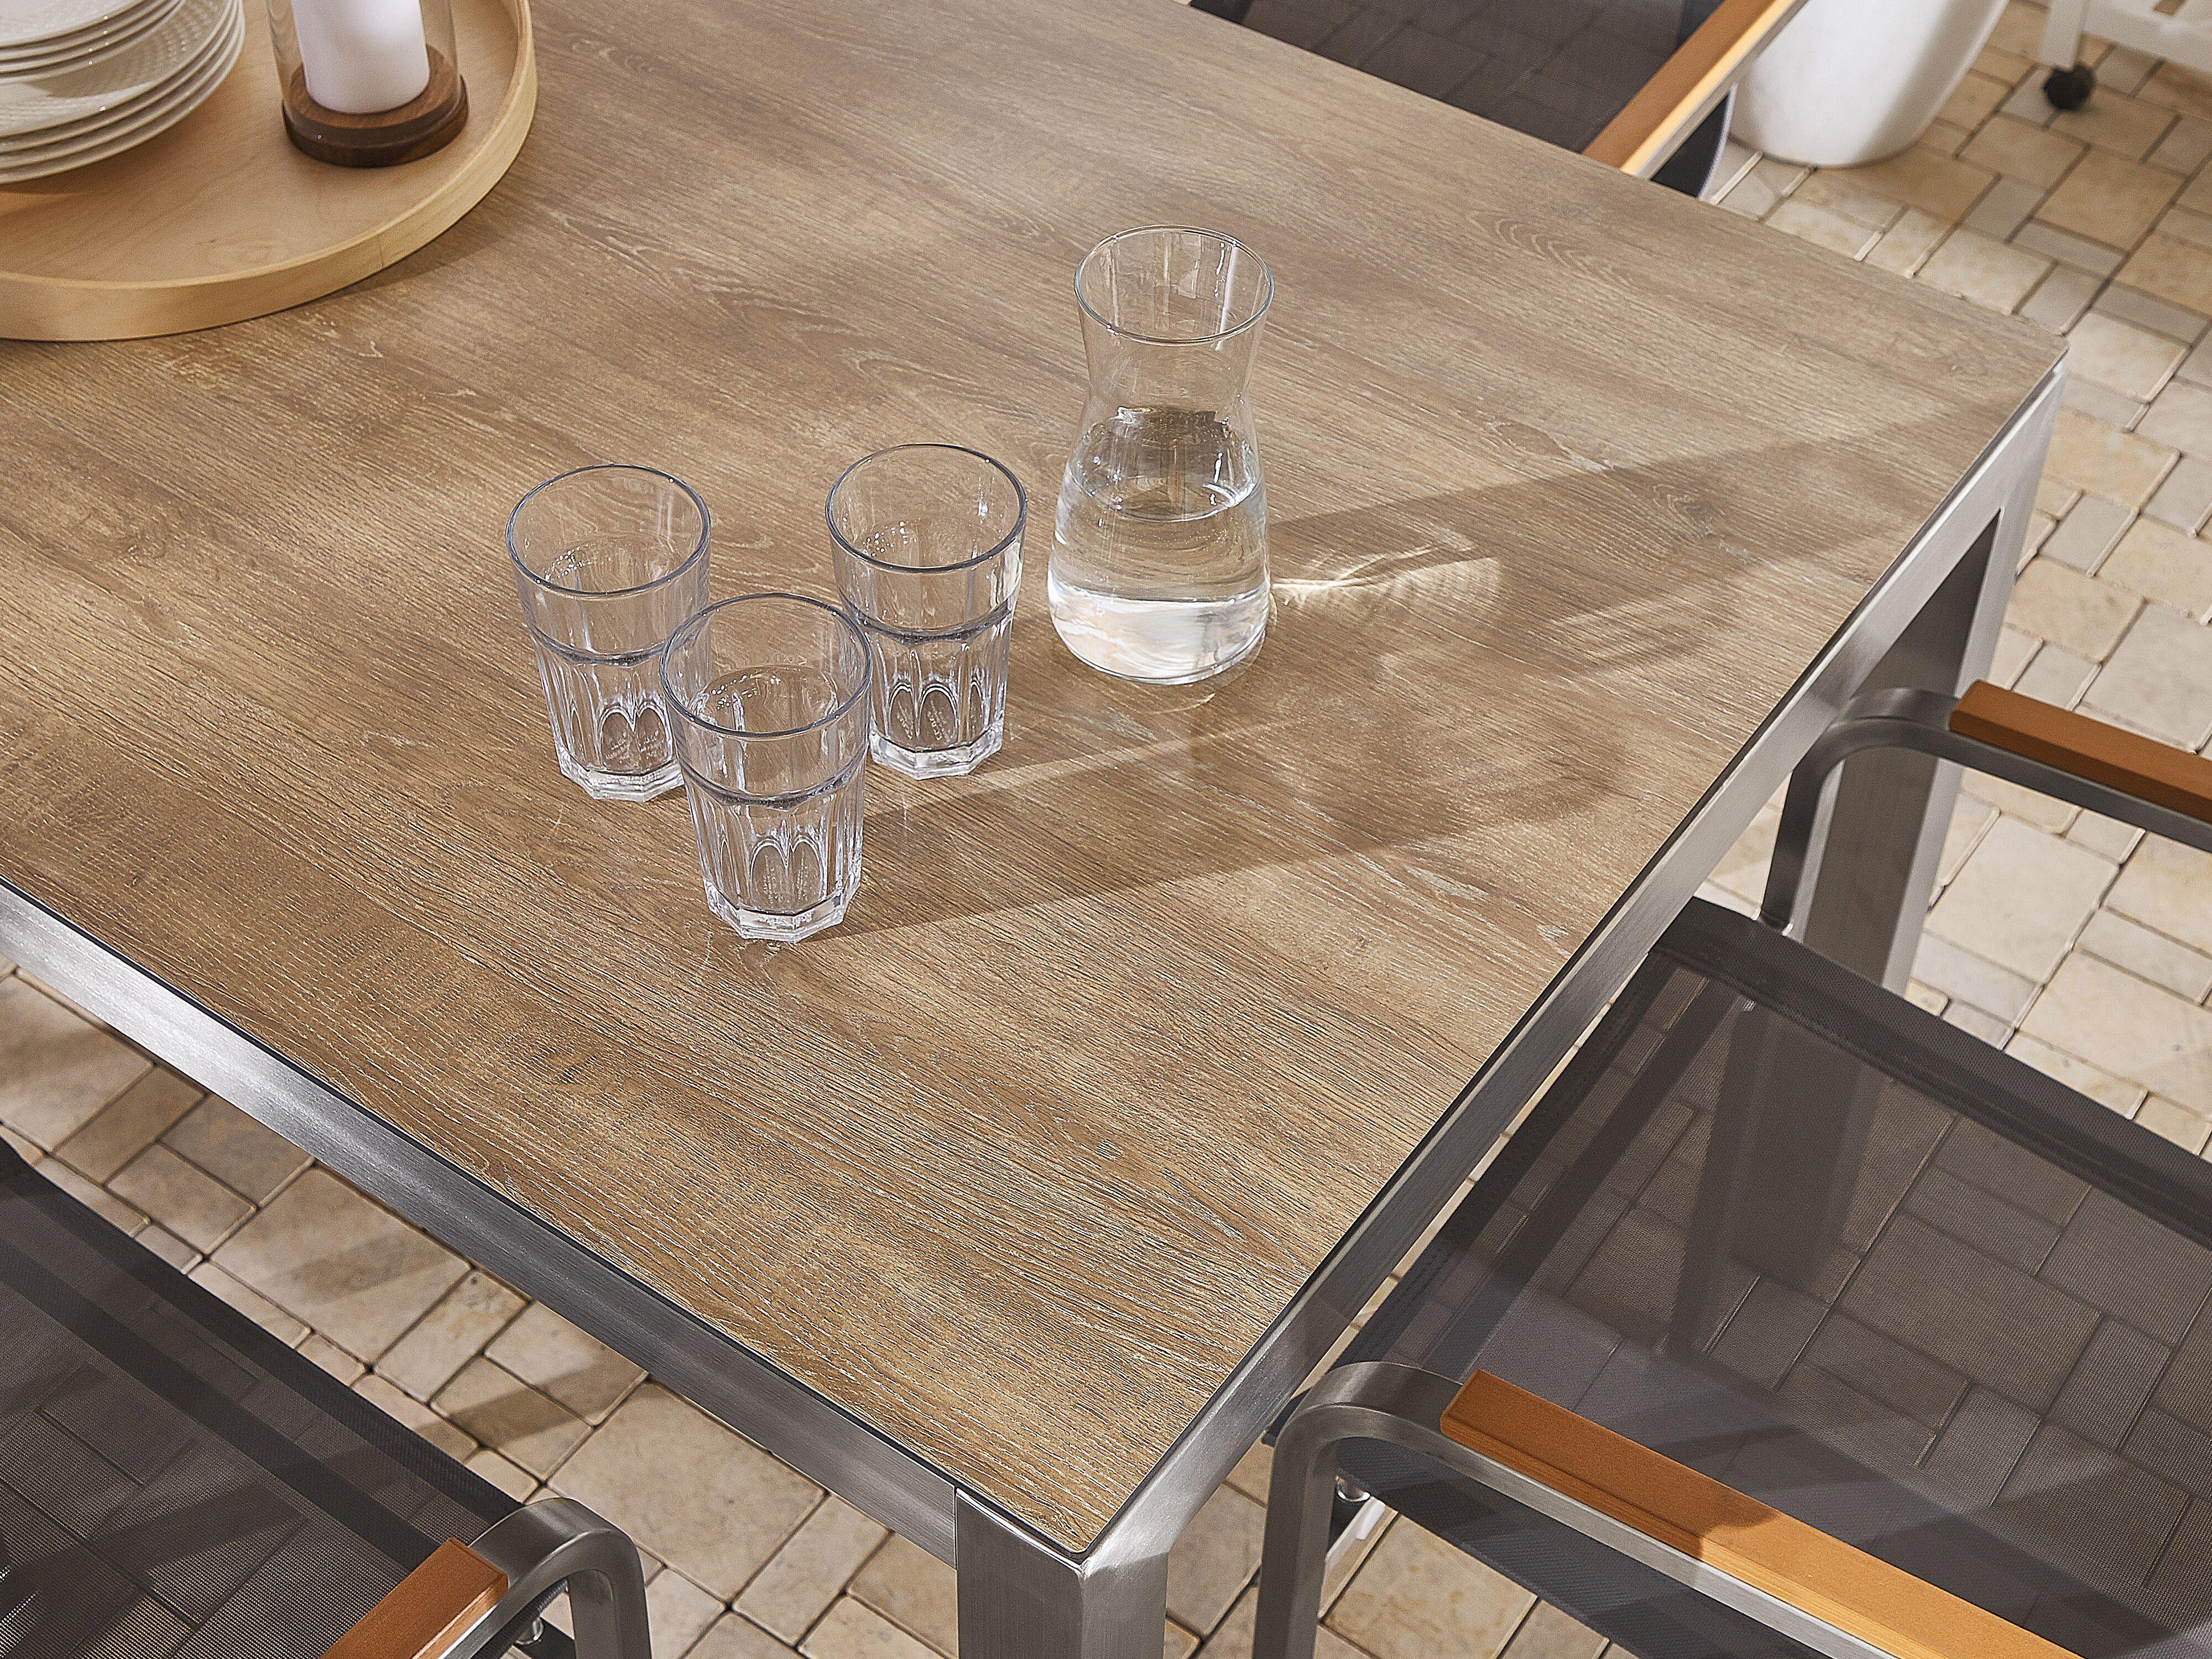 Gartentisch Holzoptik Braun 180 X 90 Cm Grosseto Beliani De